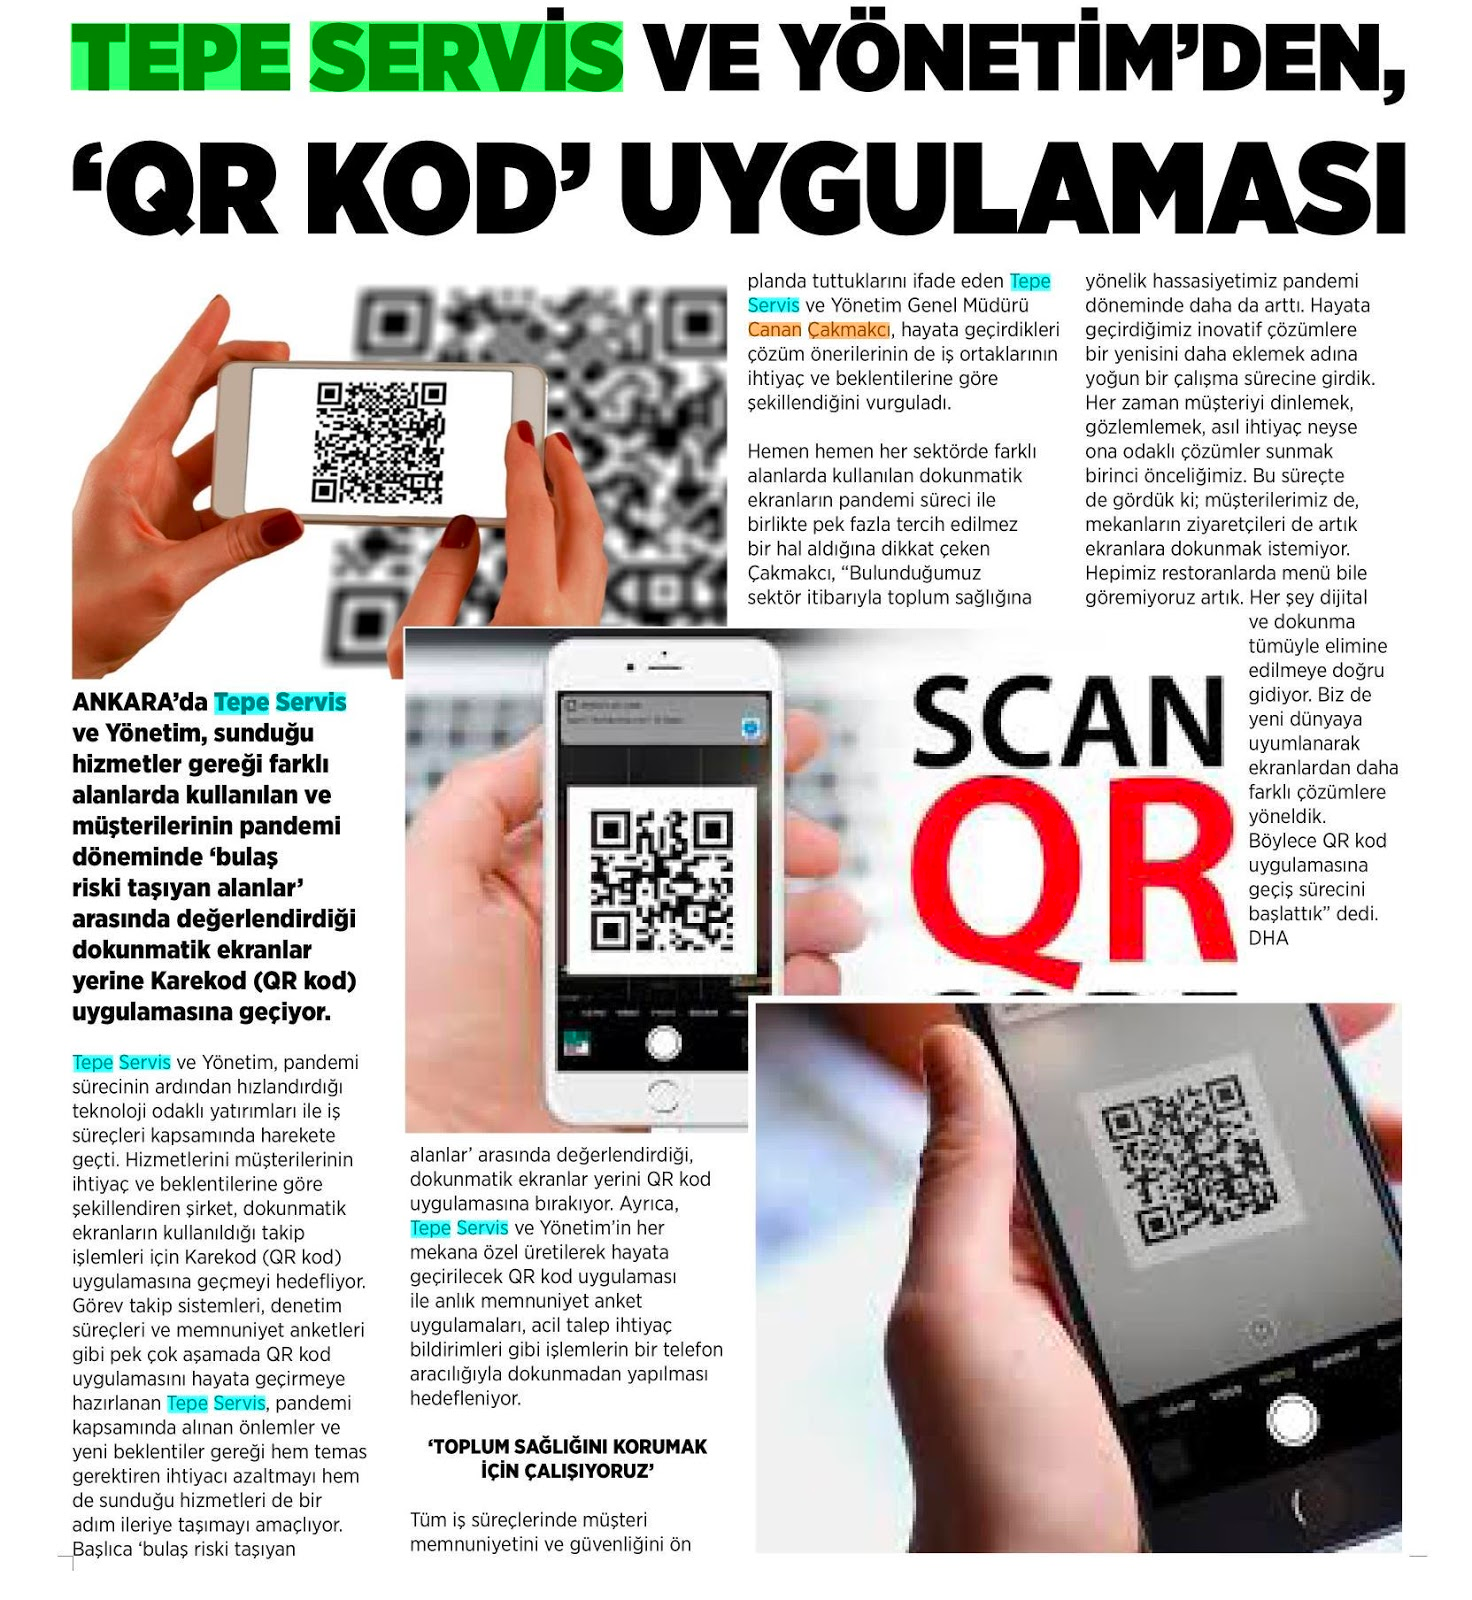 Tepe Servis ve Yönetimden QR Kod Uygulaması